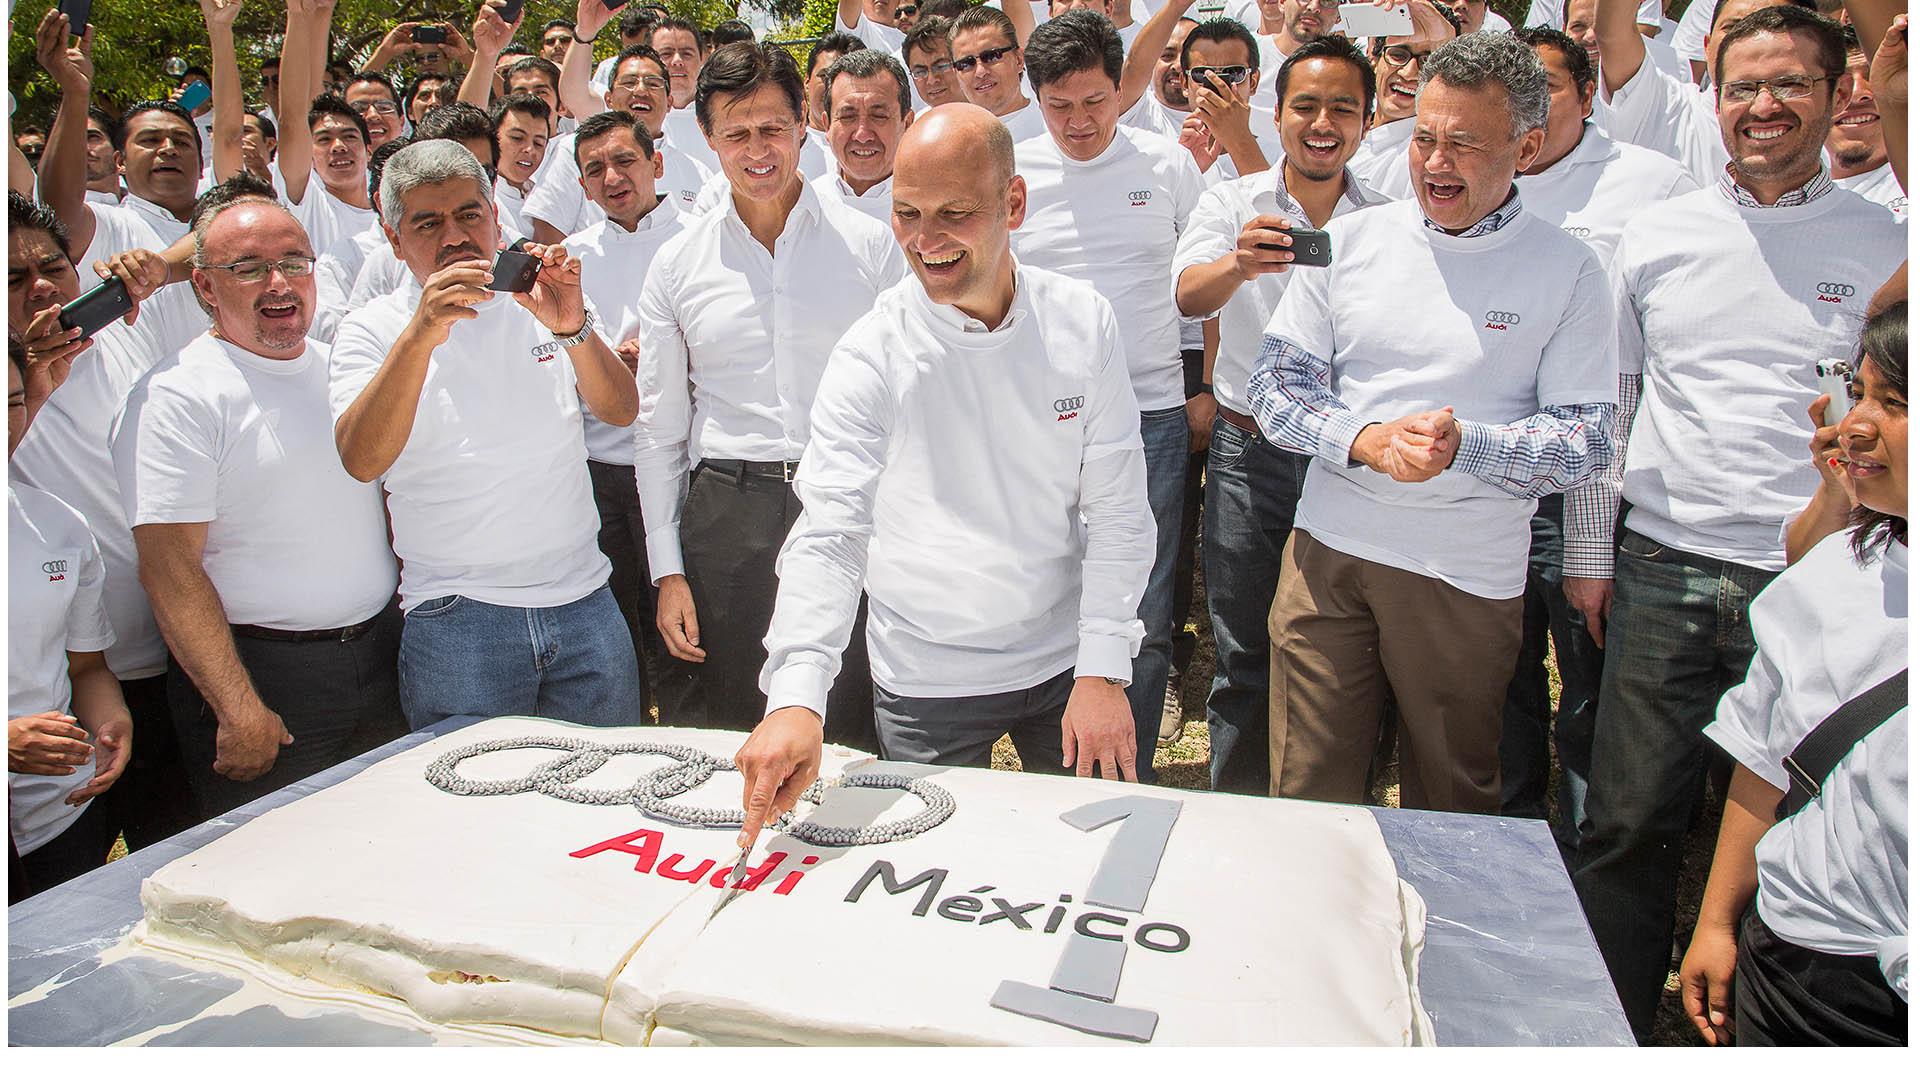 Esta será la primera vez que la marca automotriz ensamble autos fuera de Alemania